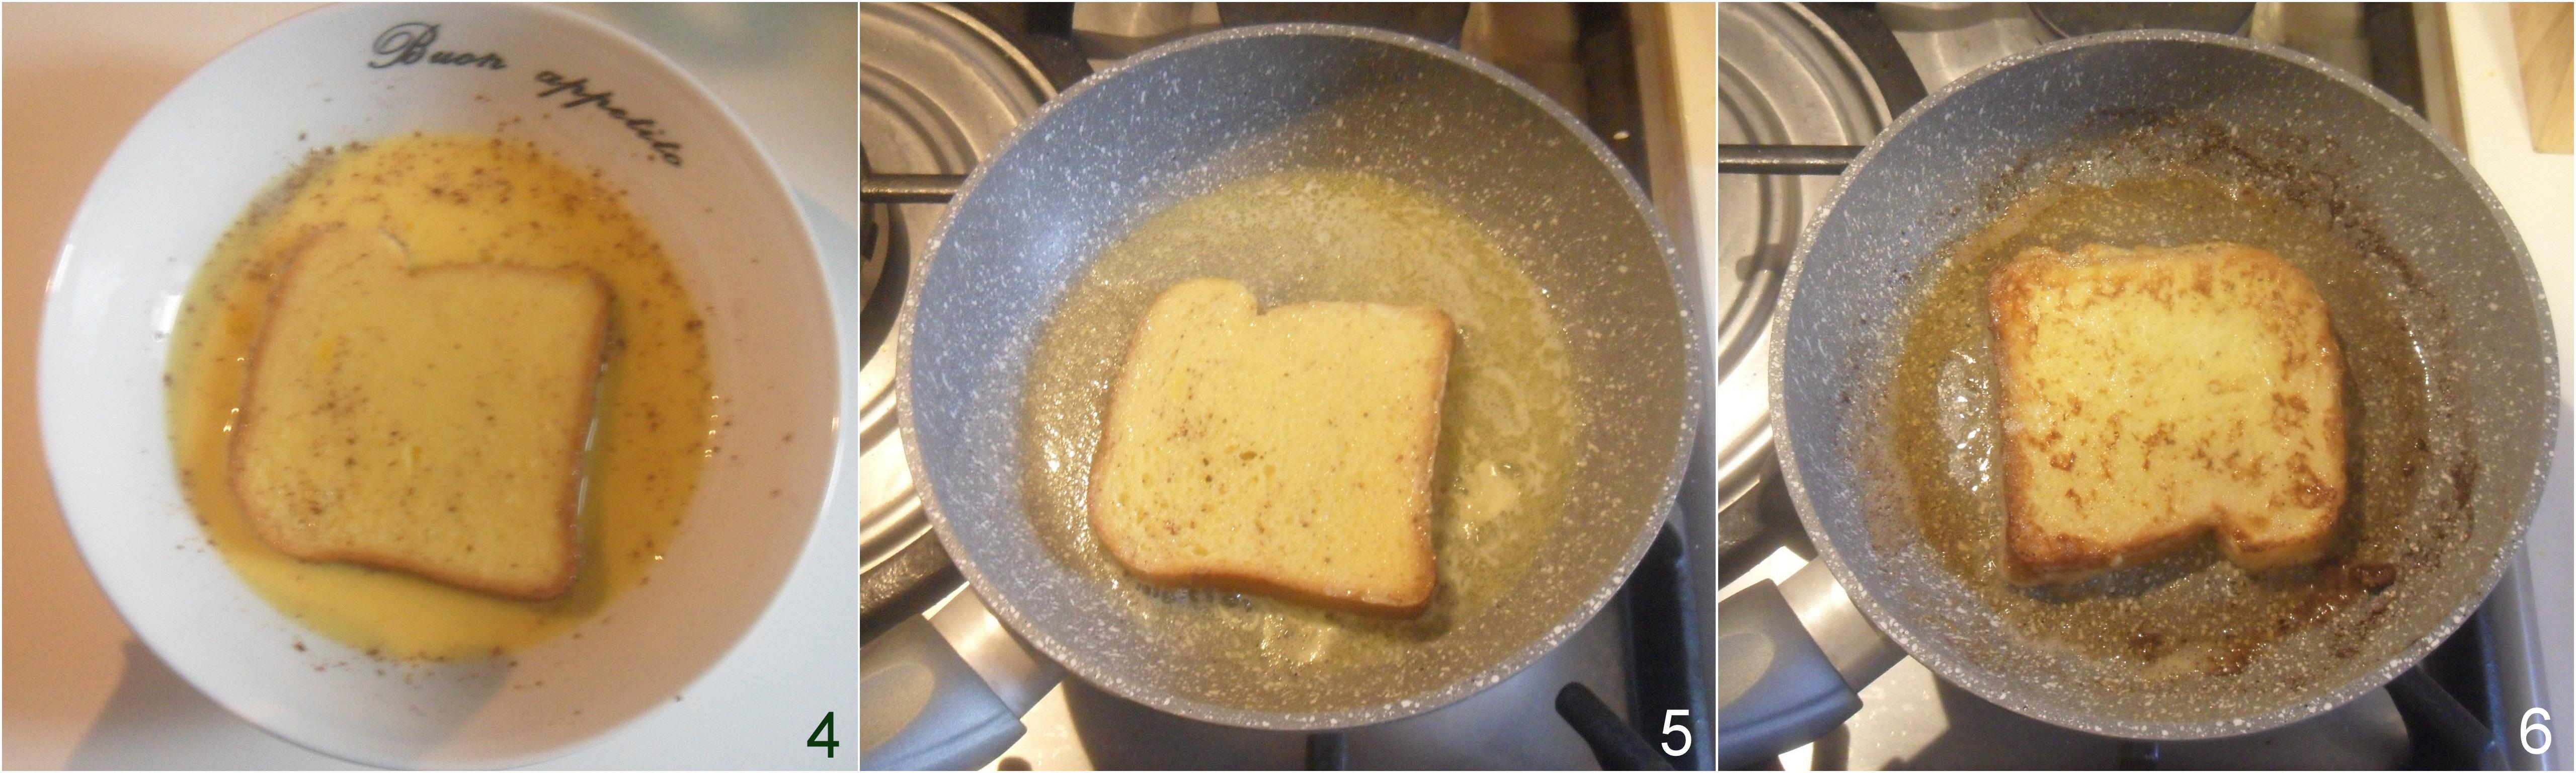 french toast ricetta pane fritto dorato per colazione americana il chicco di mais 2 cuocere in padella